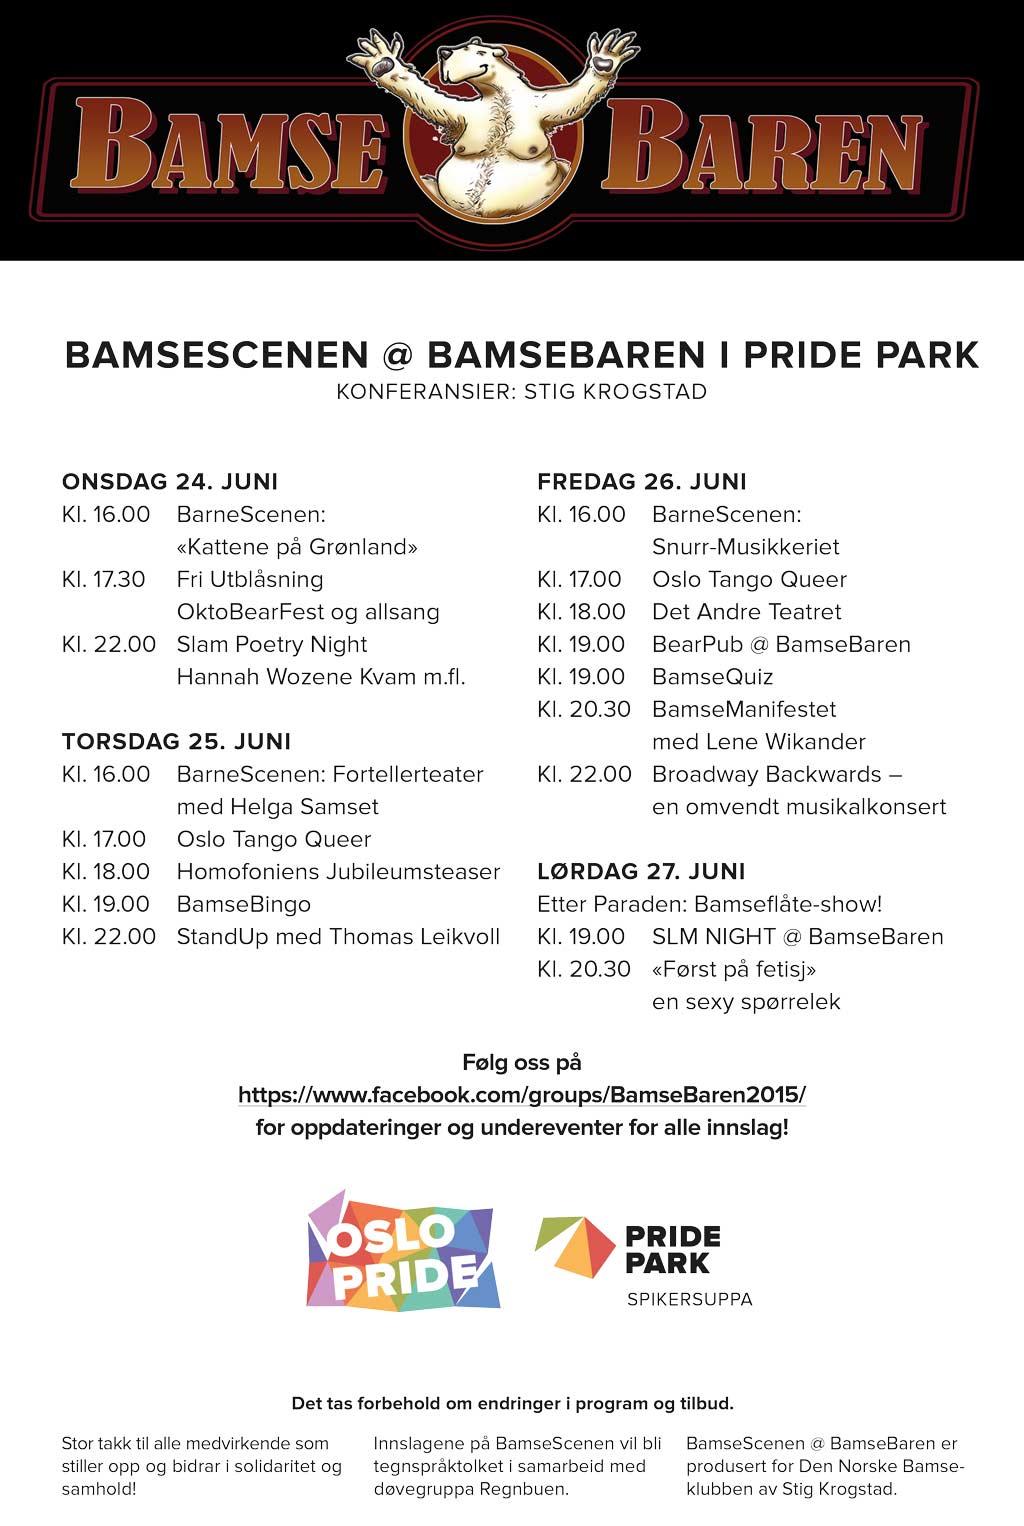 Program BamseScenen @ BamseBaren i Pride Park